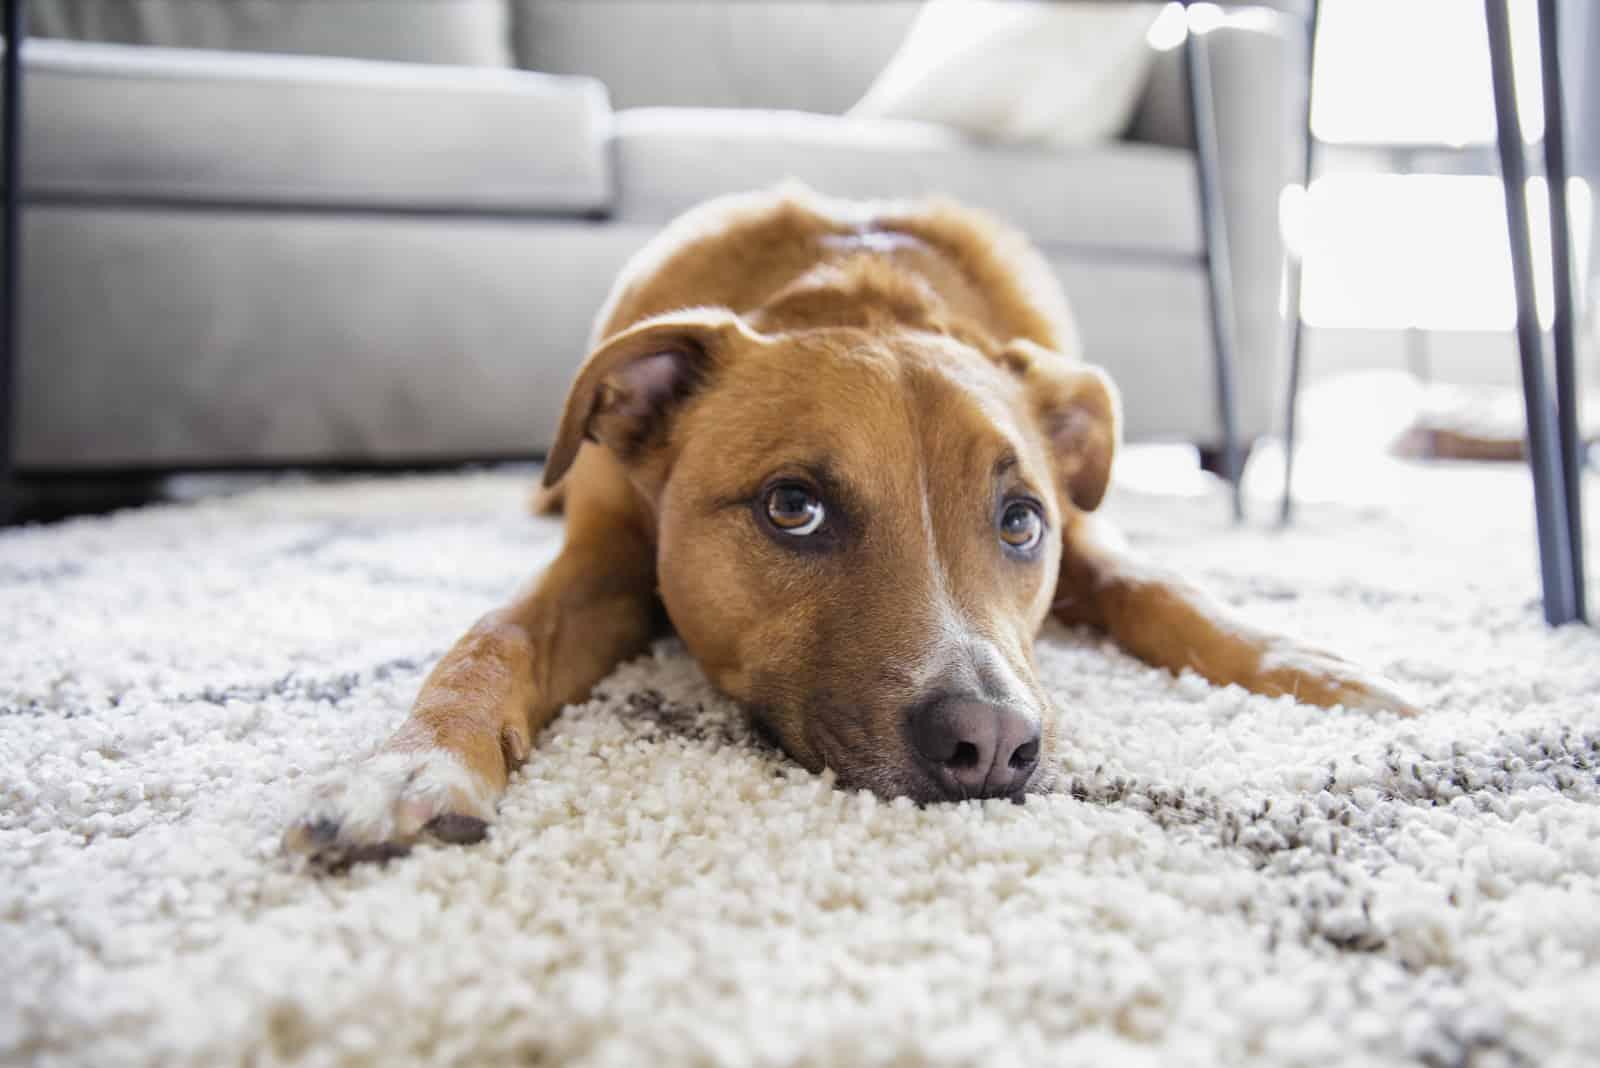 Hund macht lustiges Gesicht auf Shag Teppich Teppich liegen